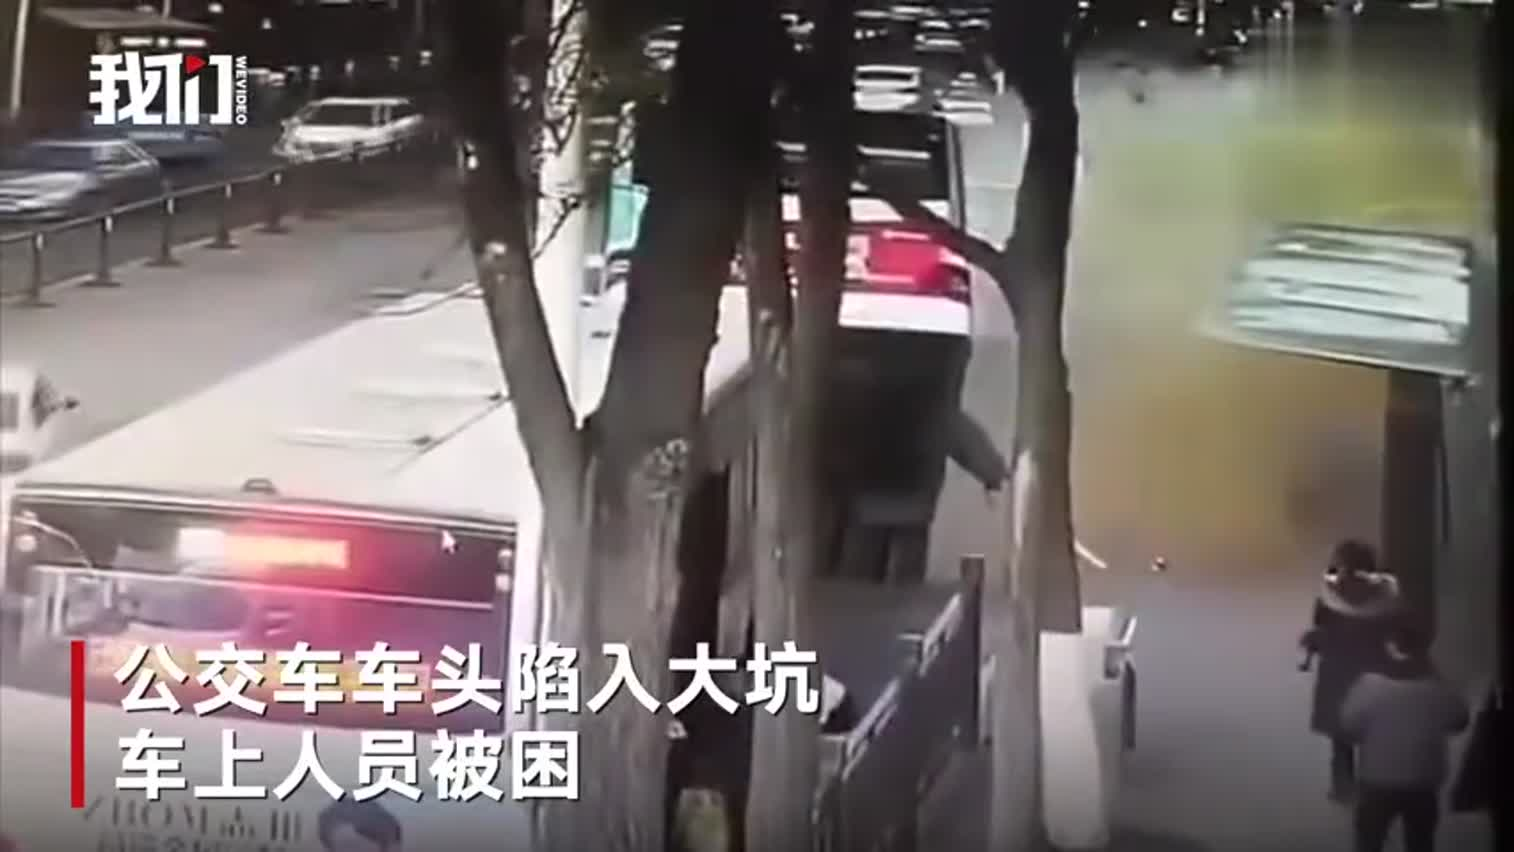 视频-西宁马路塌陷一公交车掉入 有乘客从后窗仓皇